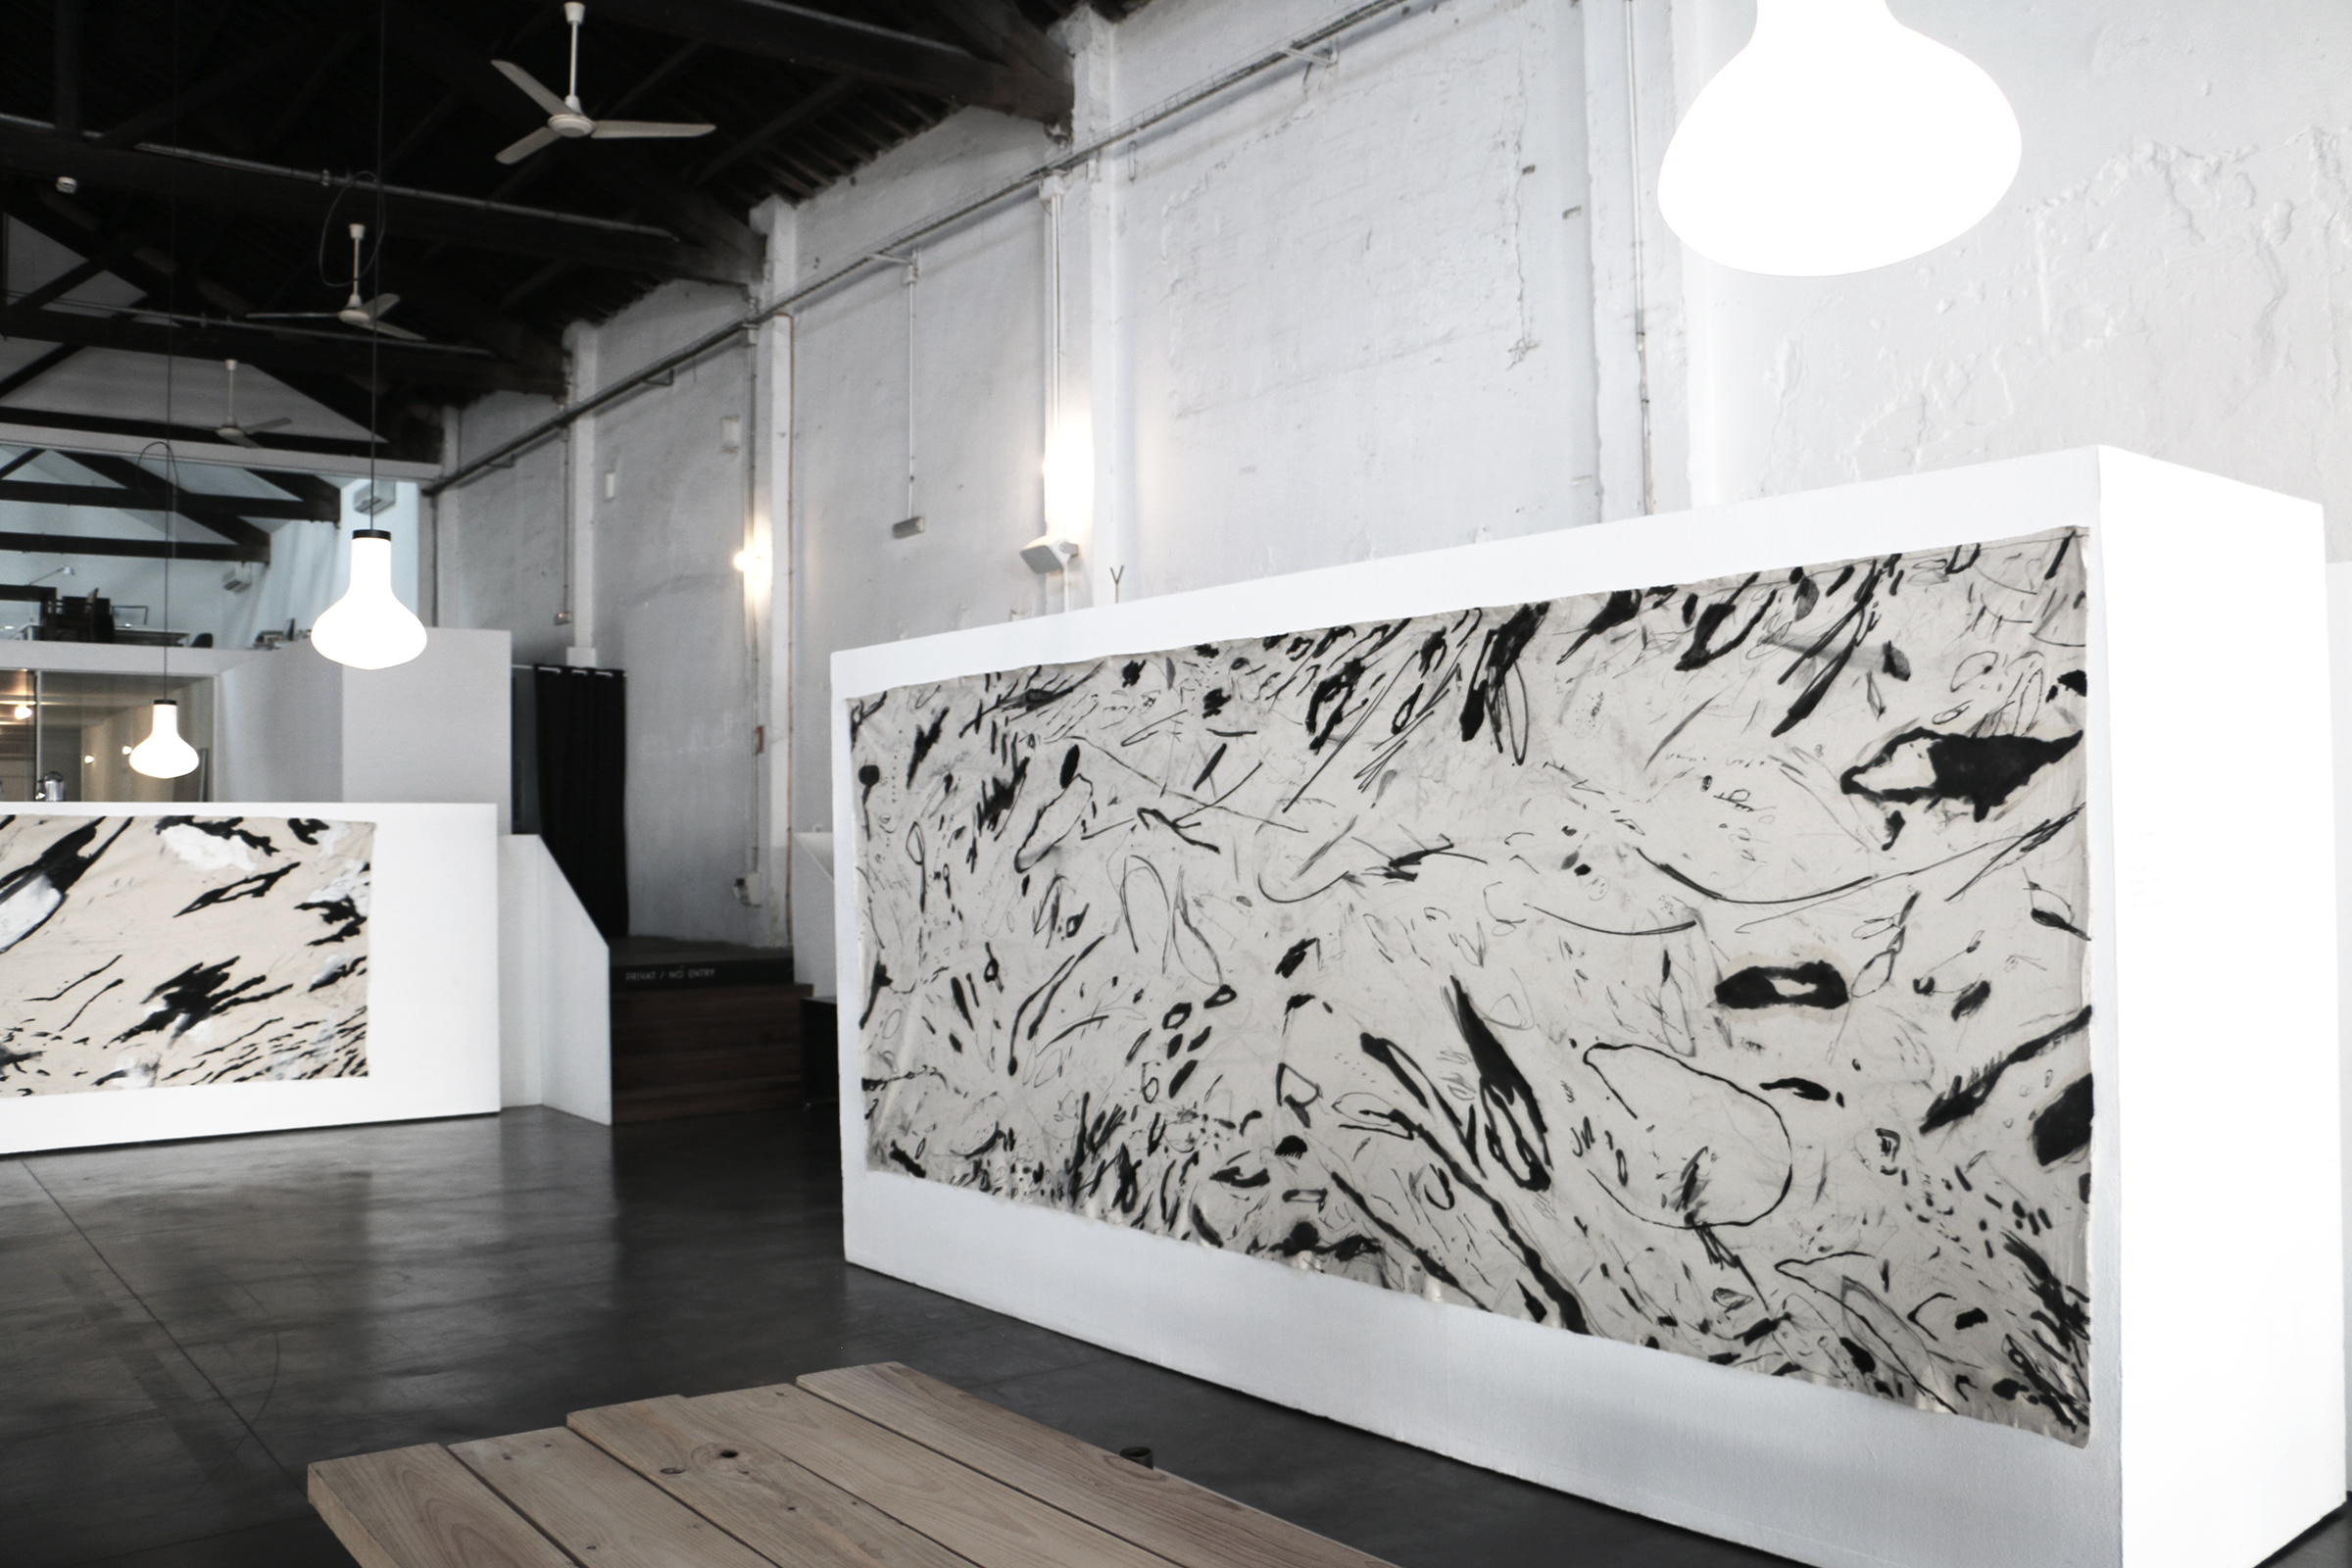 5 meter painting image 3.jpg